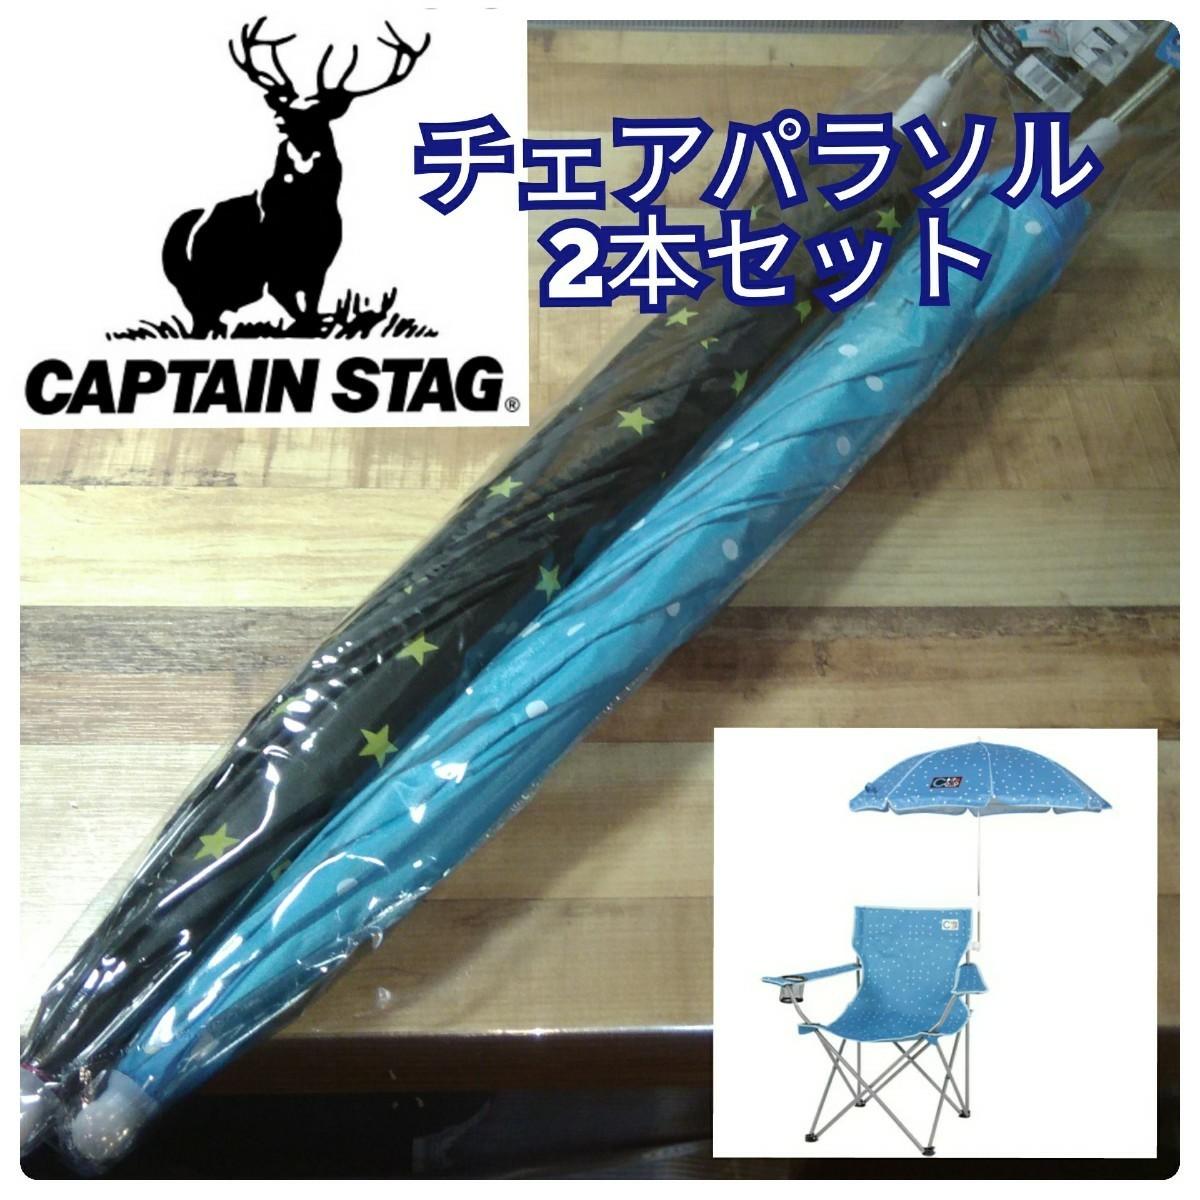 キャプテンスタッグ 2本 行楽 チェアパラソル 日傘 captain stag 折りたたみ傘 長傘